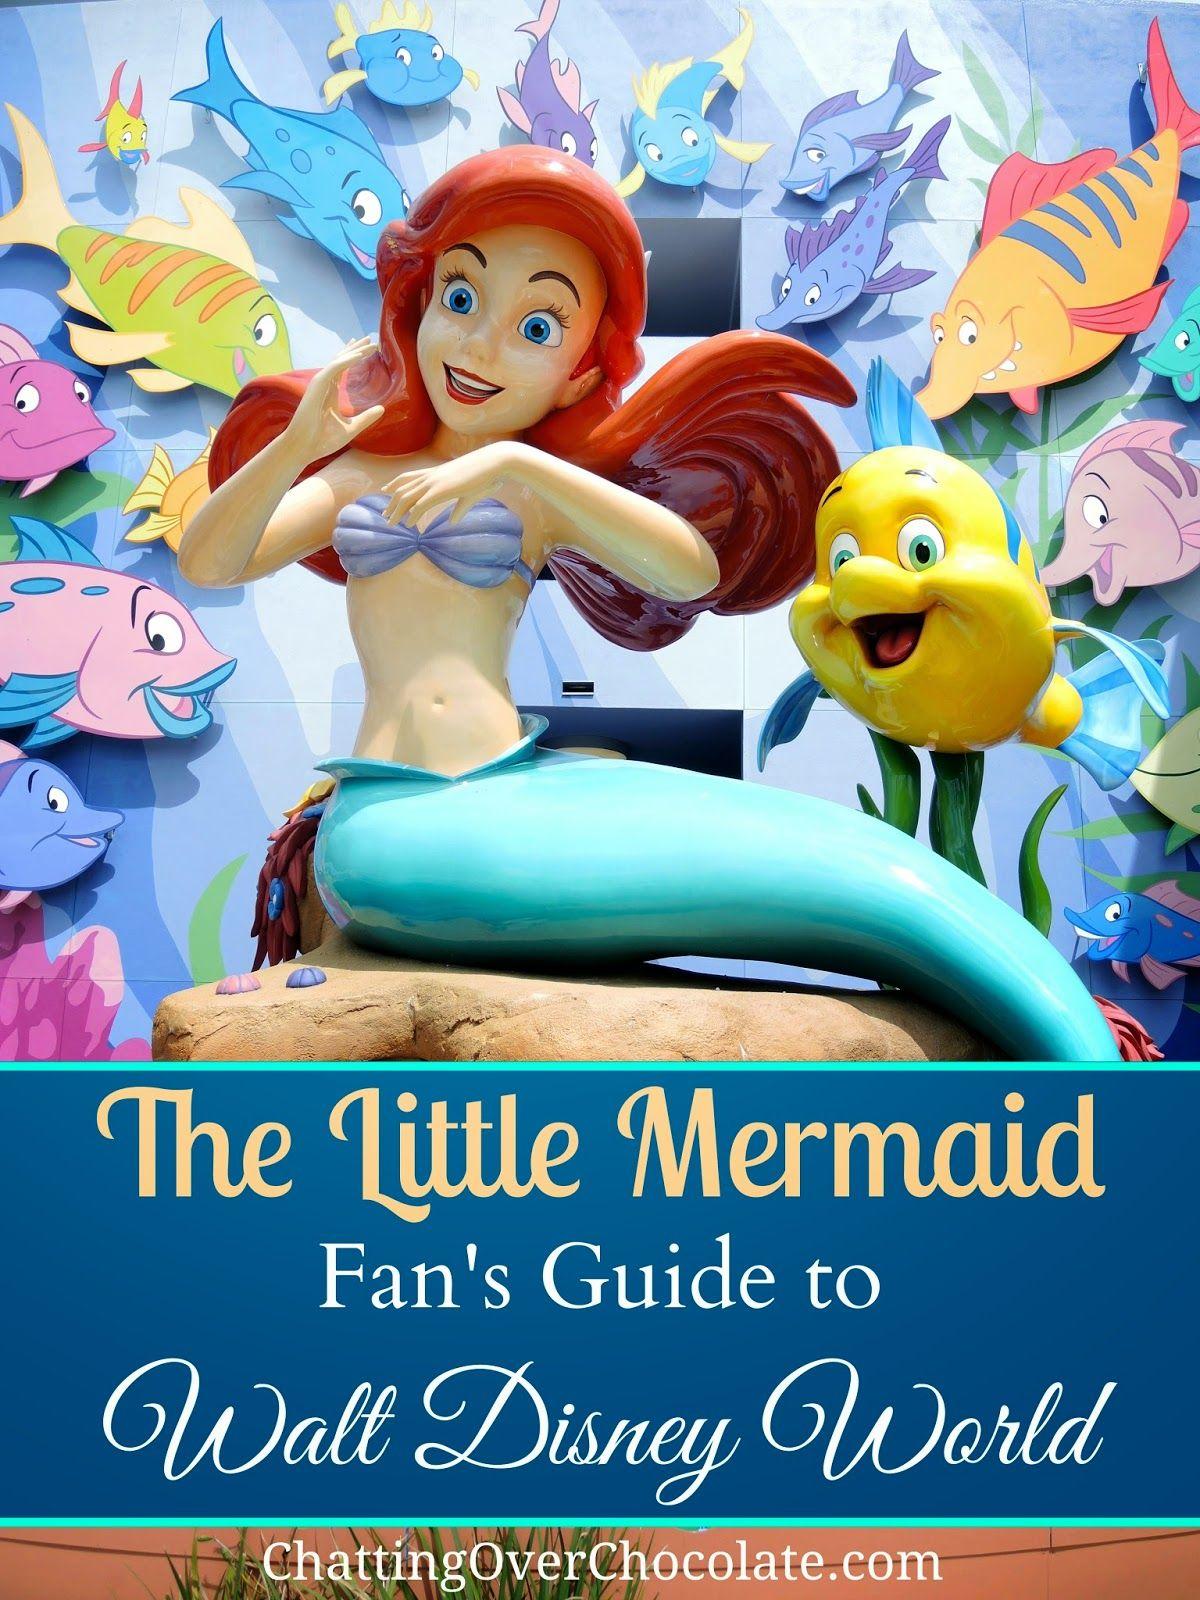 The Little Mermaid Fan's Guide to Walt Disney World